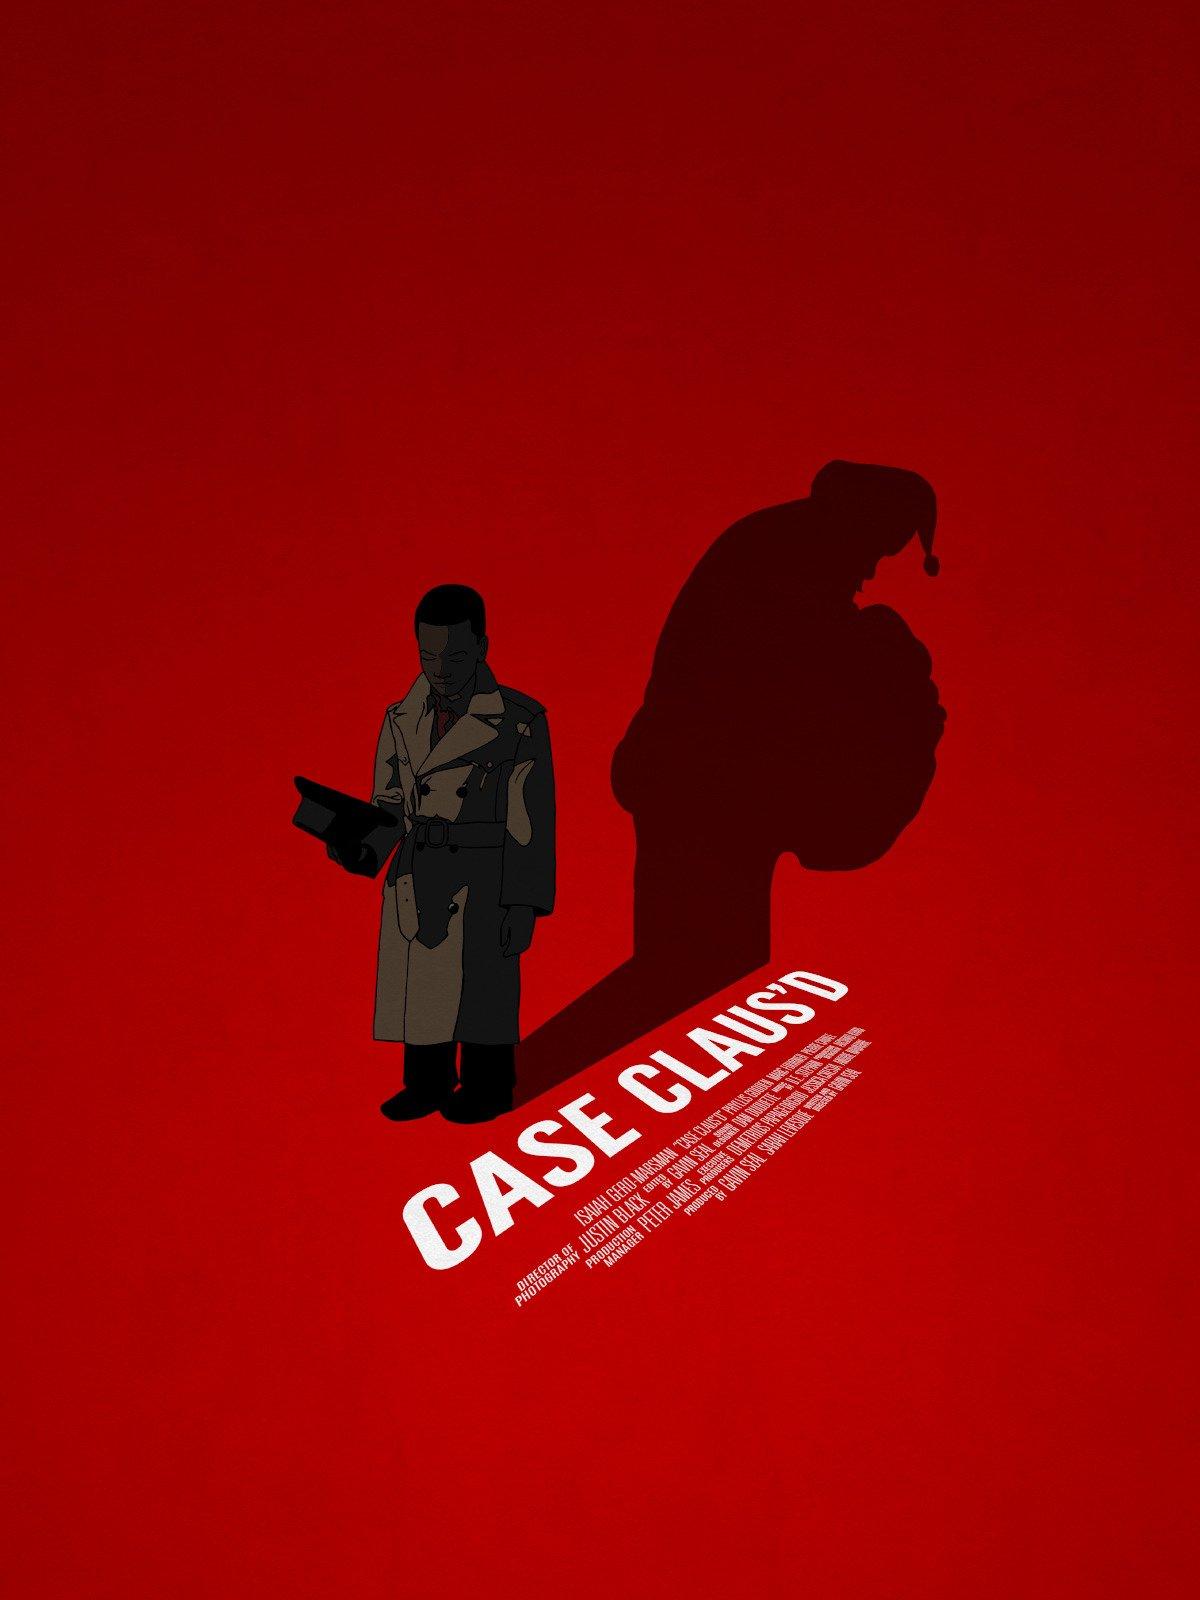 Case Claus'd